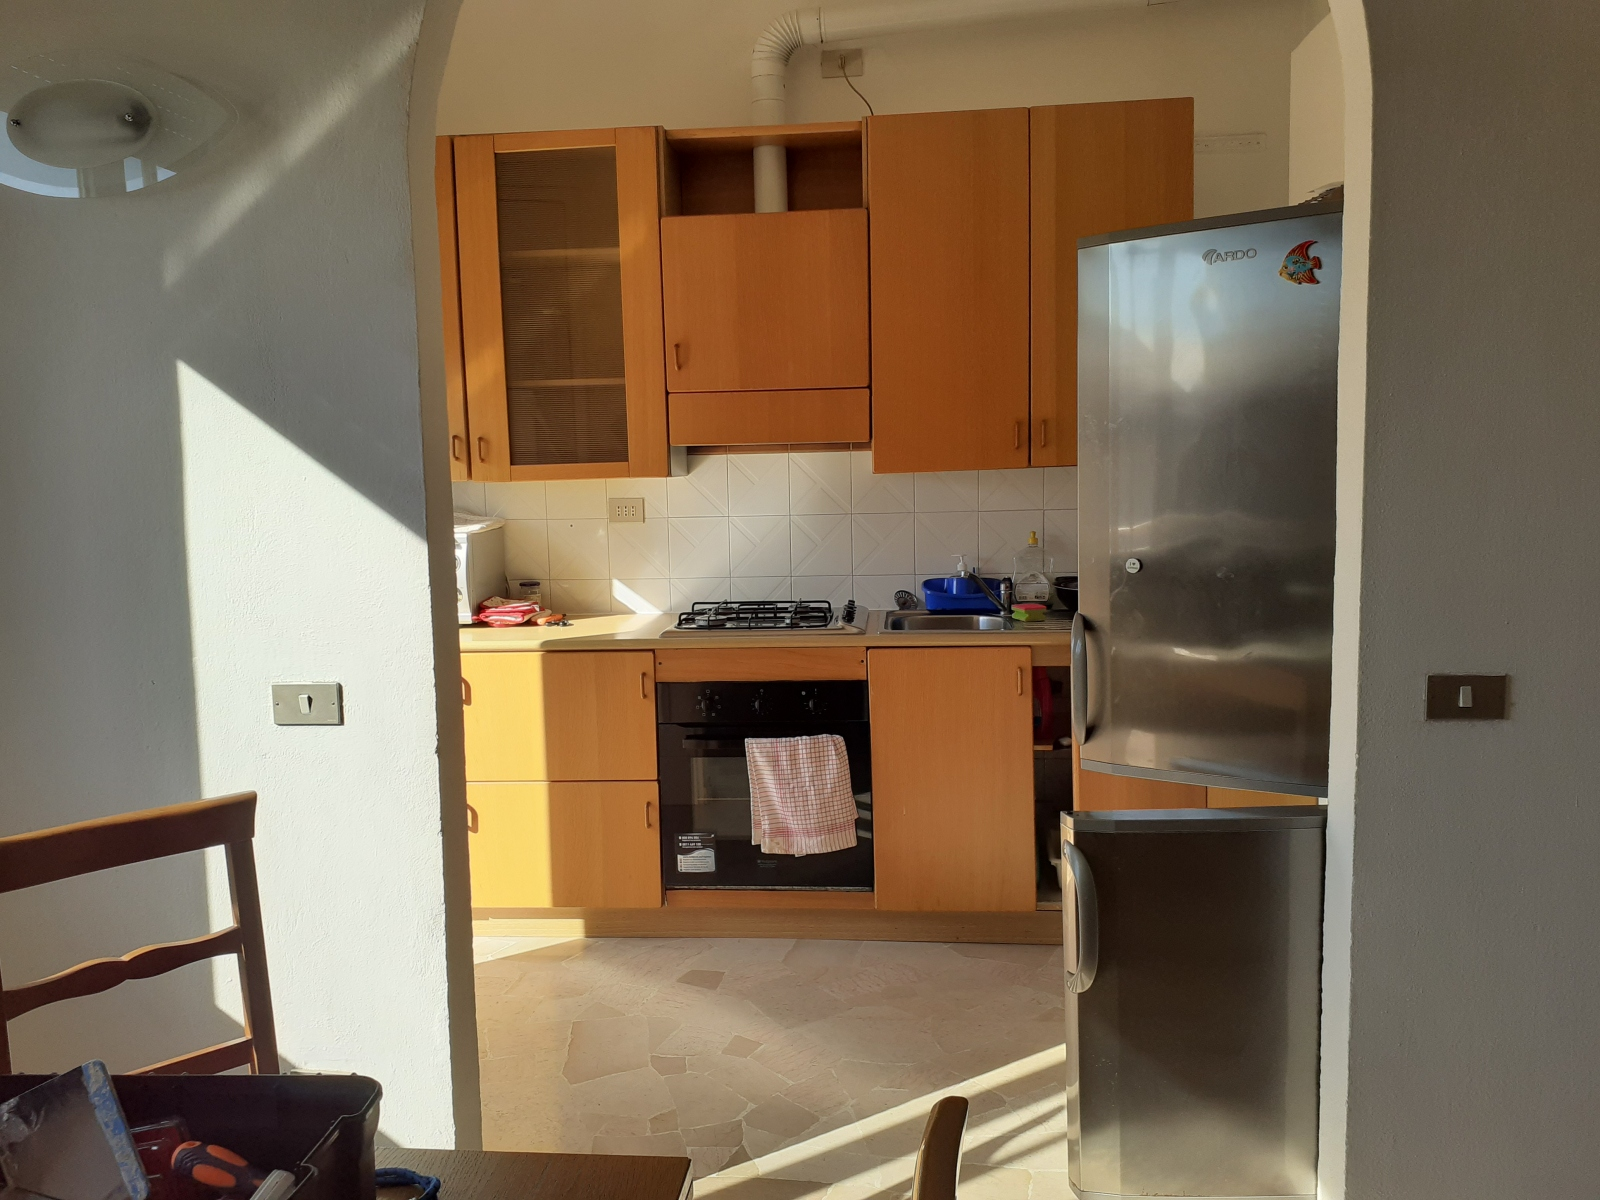 appartamento-in-vendita-a-cornaredo-milano-3-locali-trilocale-spaziourbano-immobiliare-vende-17